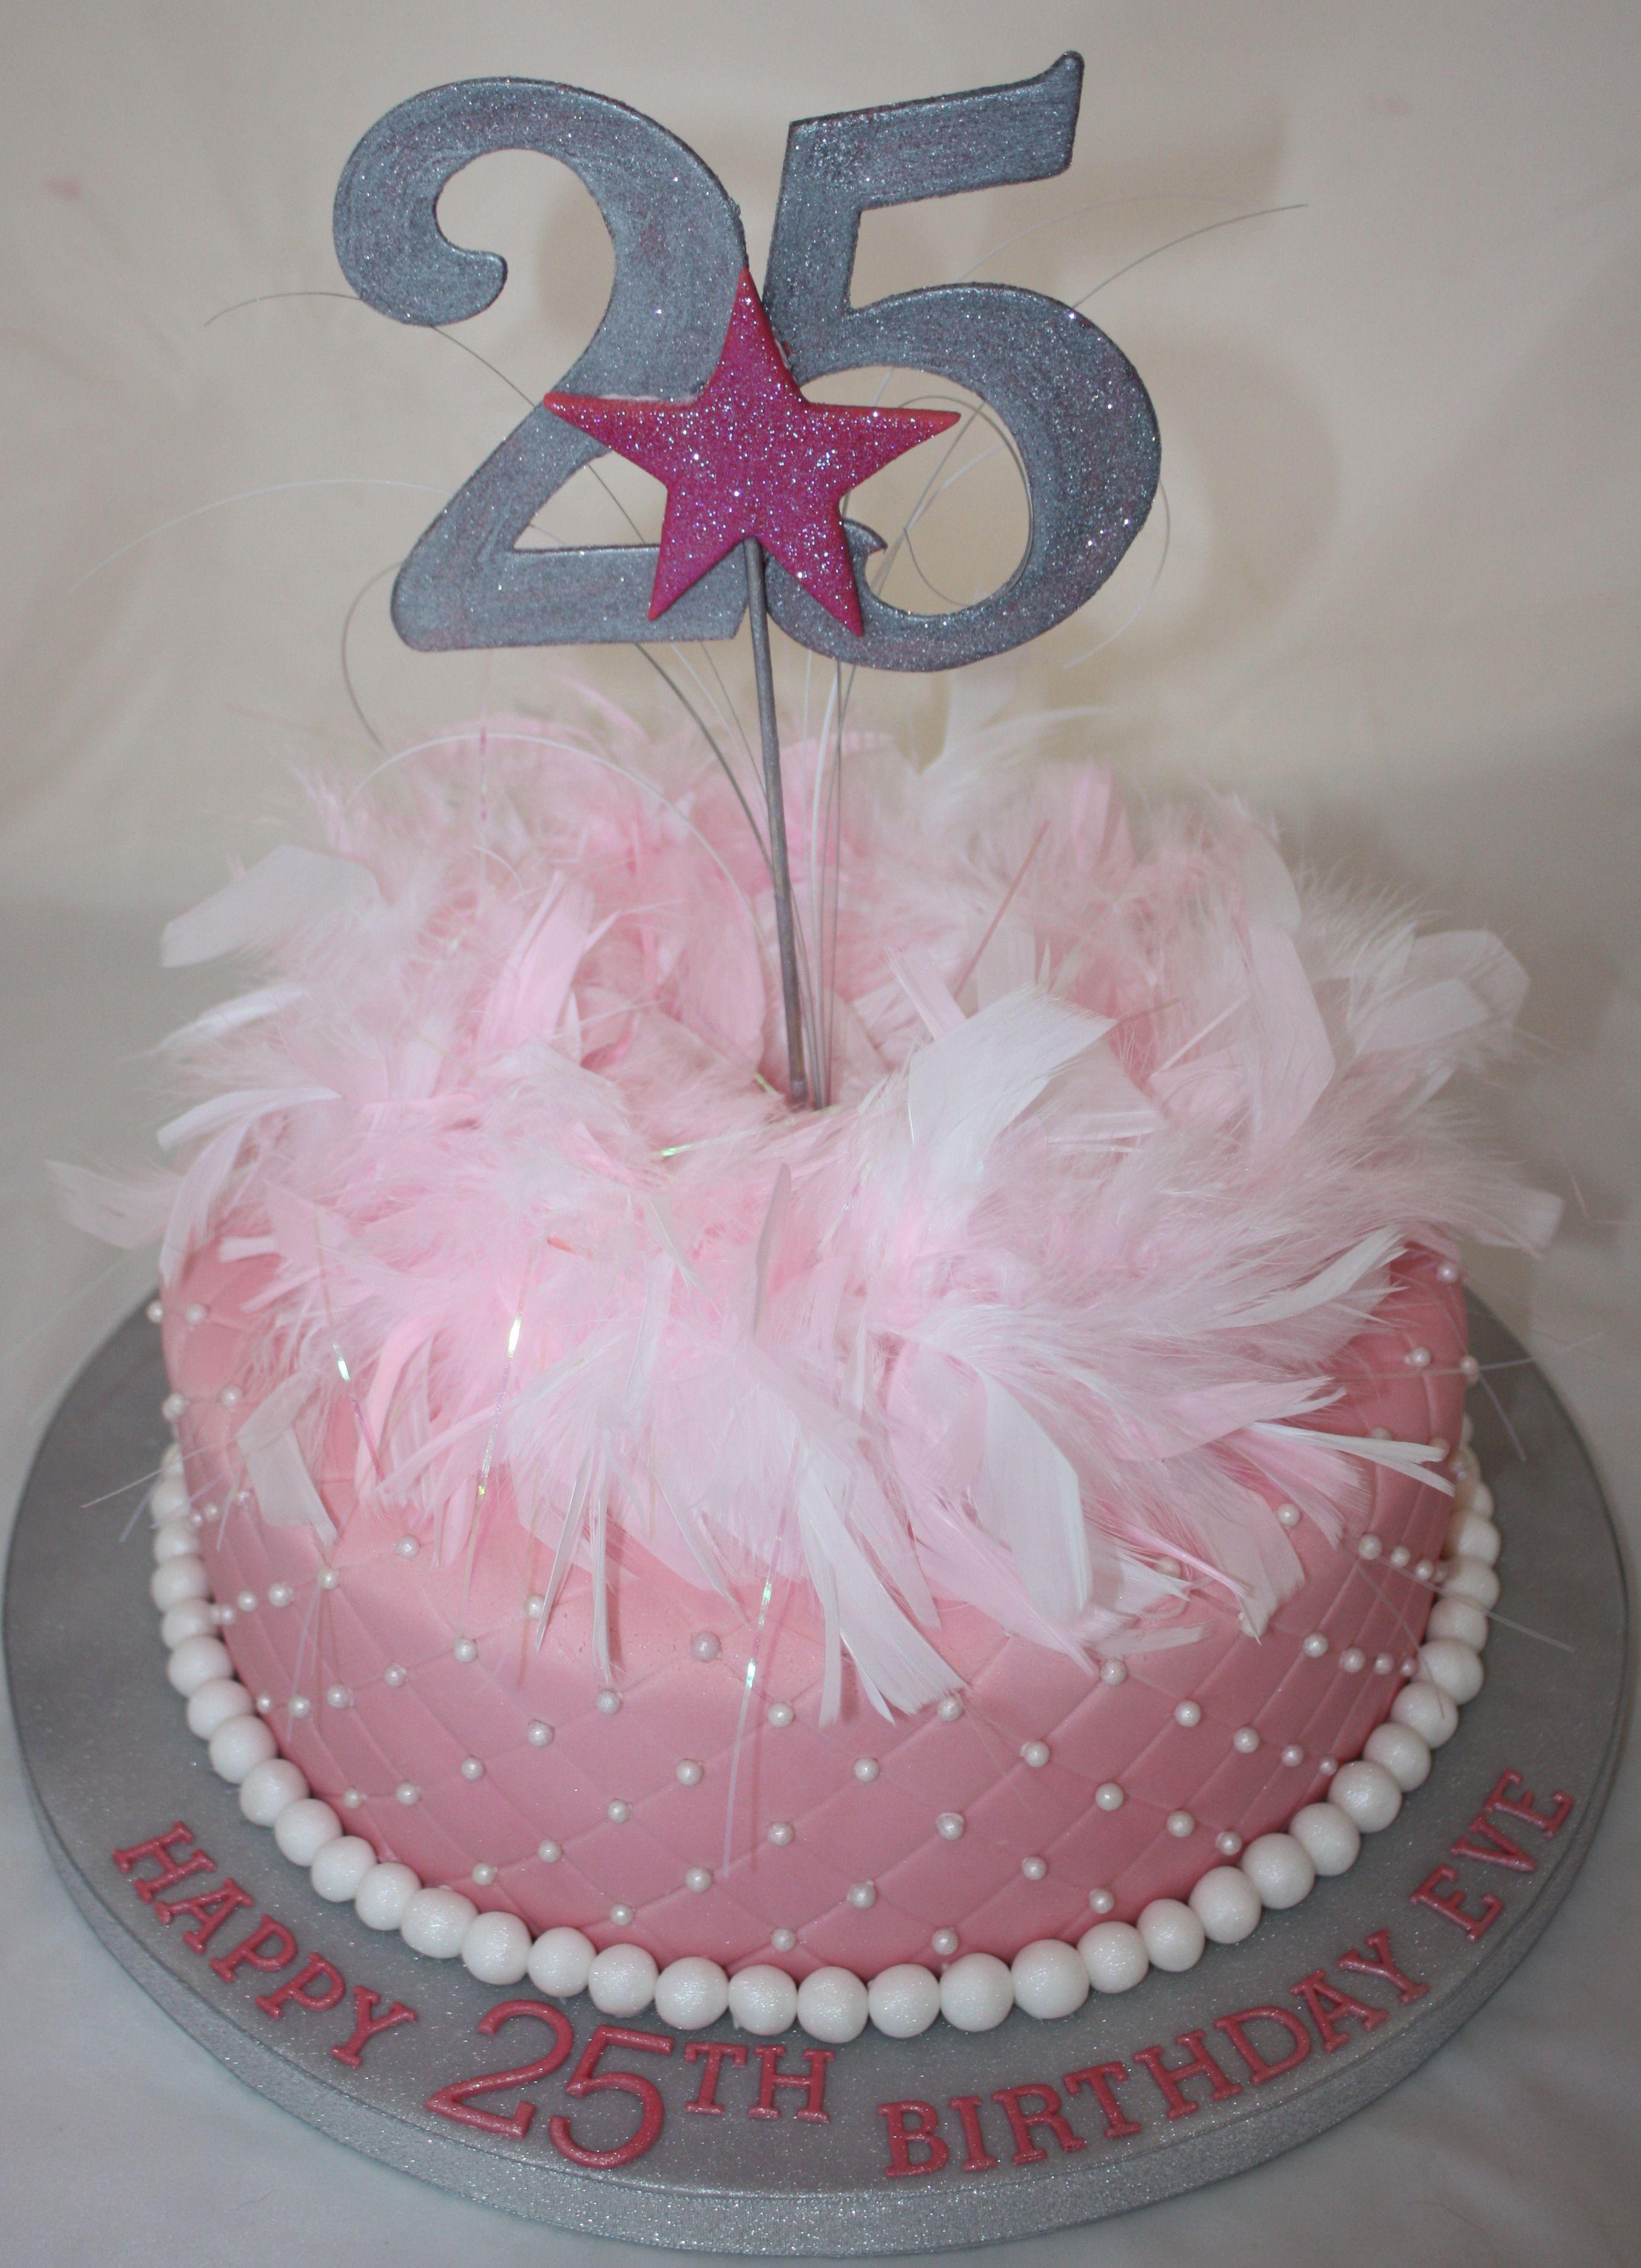 Birthday Cakes 25th Birthday Cake Vanilla Bean Cake Company